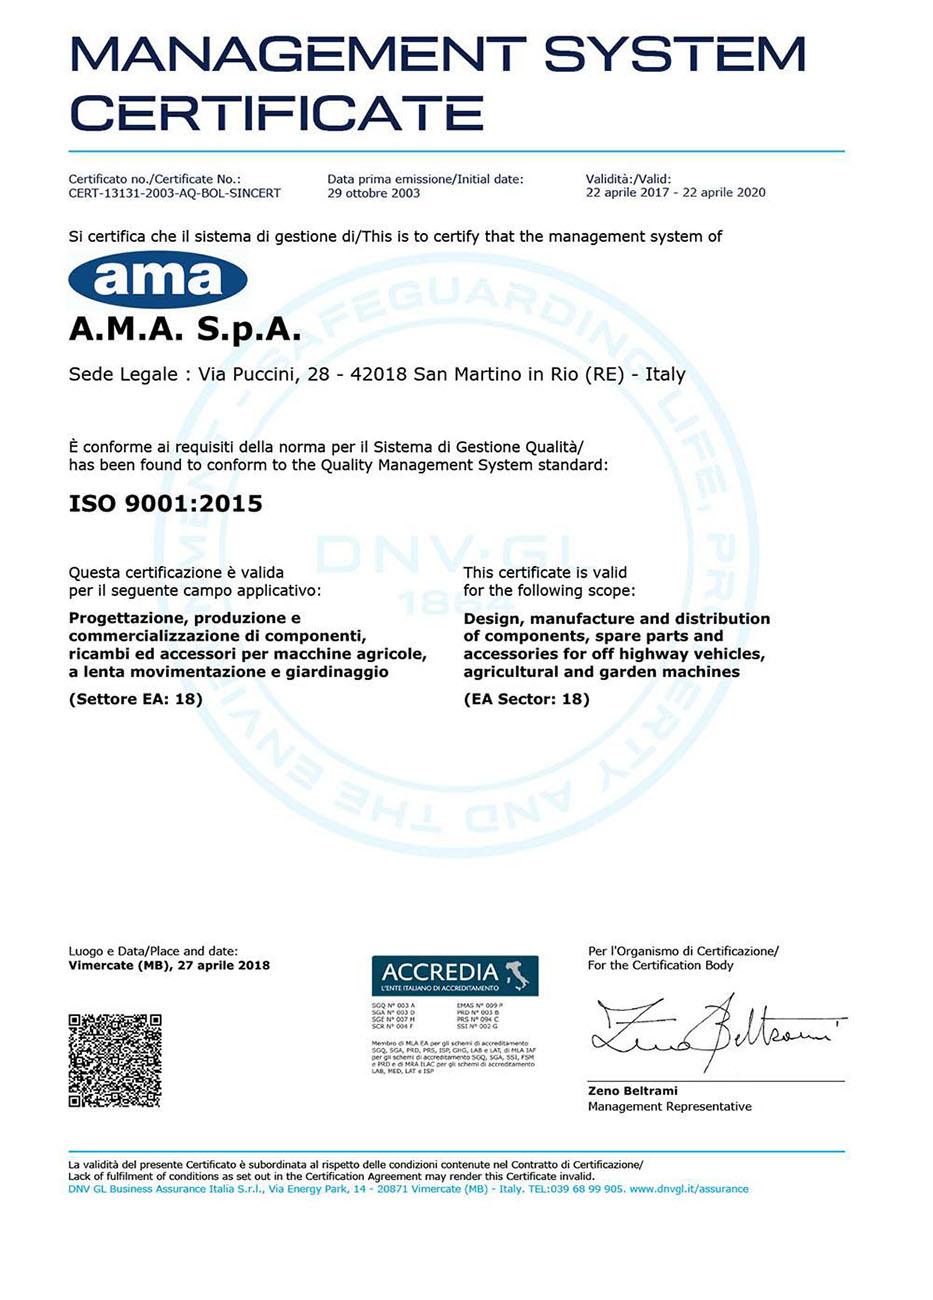 AMA ISO 9001